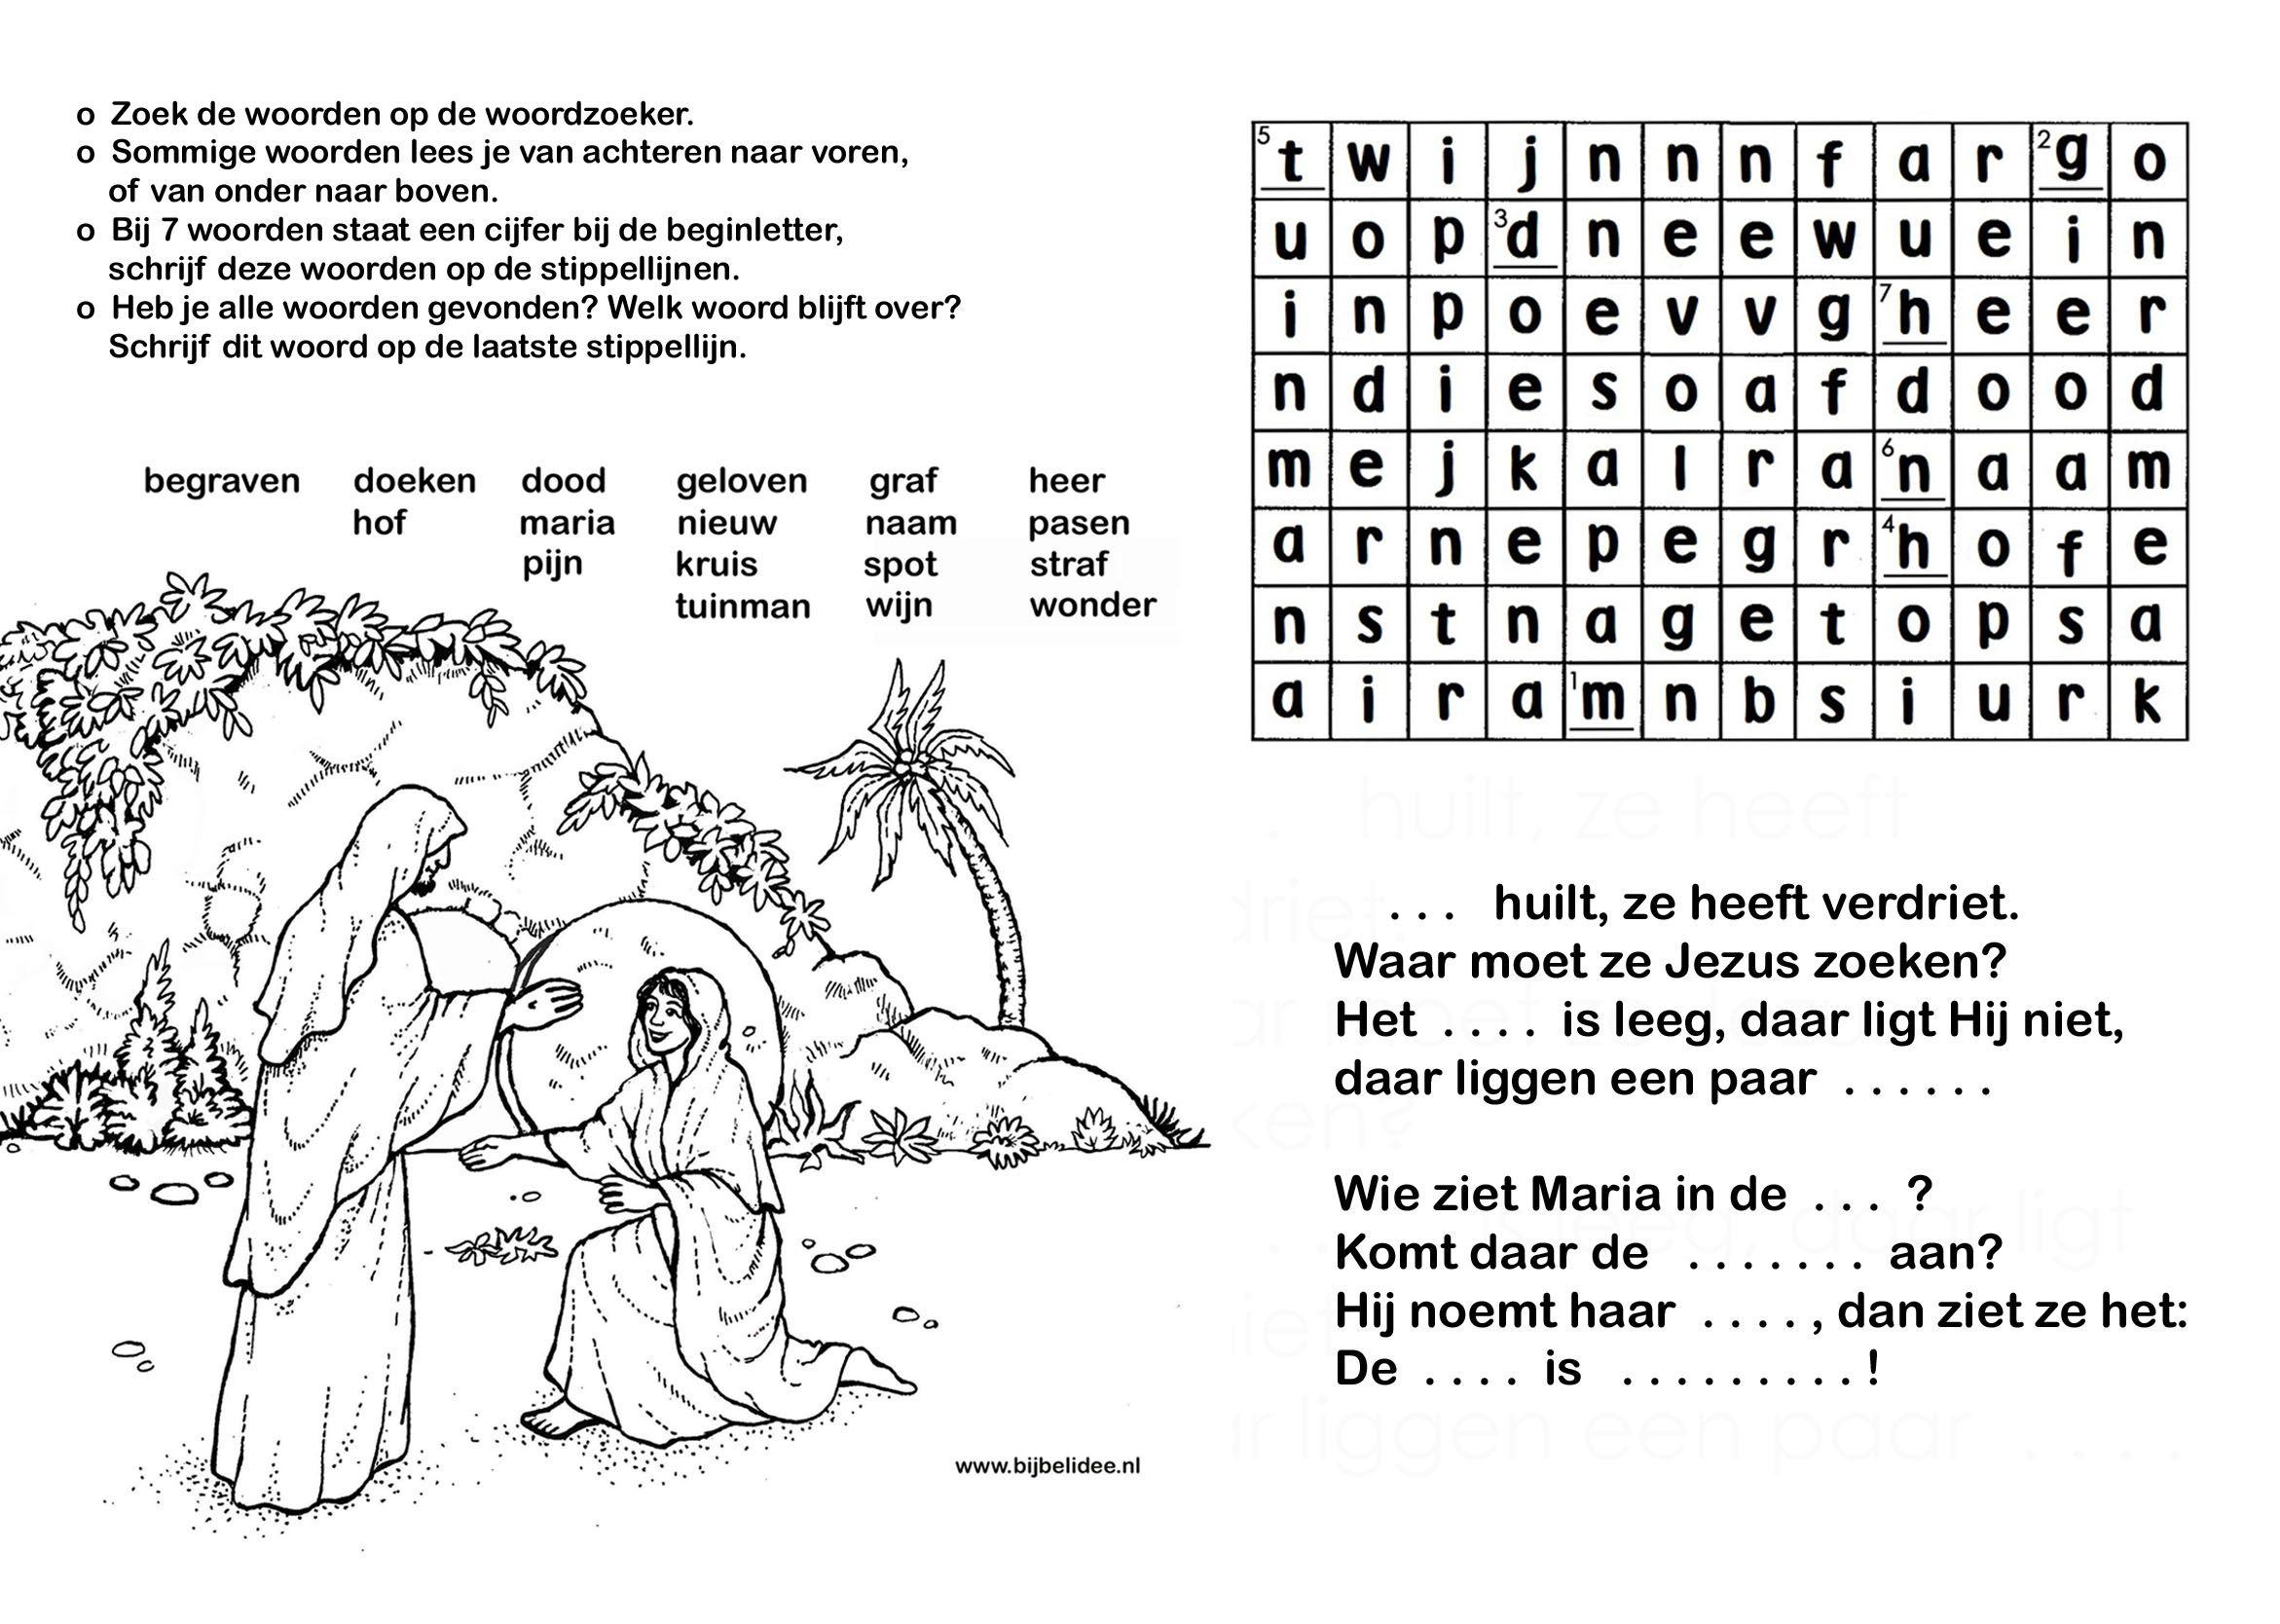 Woordzoeker Pasen Jezus Leeft Zoek De Woorden En Schrijf Woorden In Het Paasverhaal Www Bijbelidee Nl Godsdienstles Woordzoeker Bijbel Activiteiten